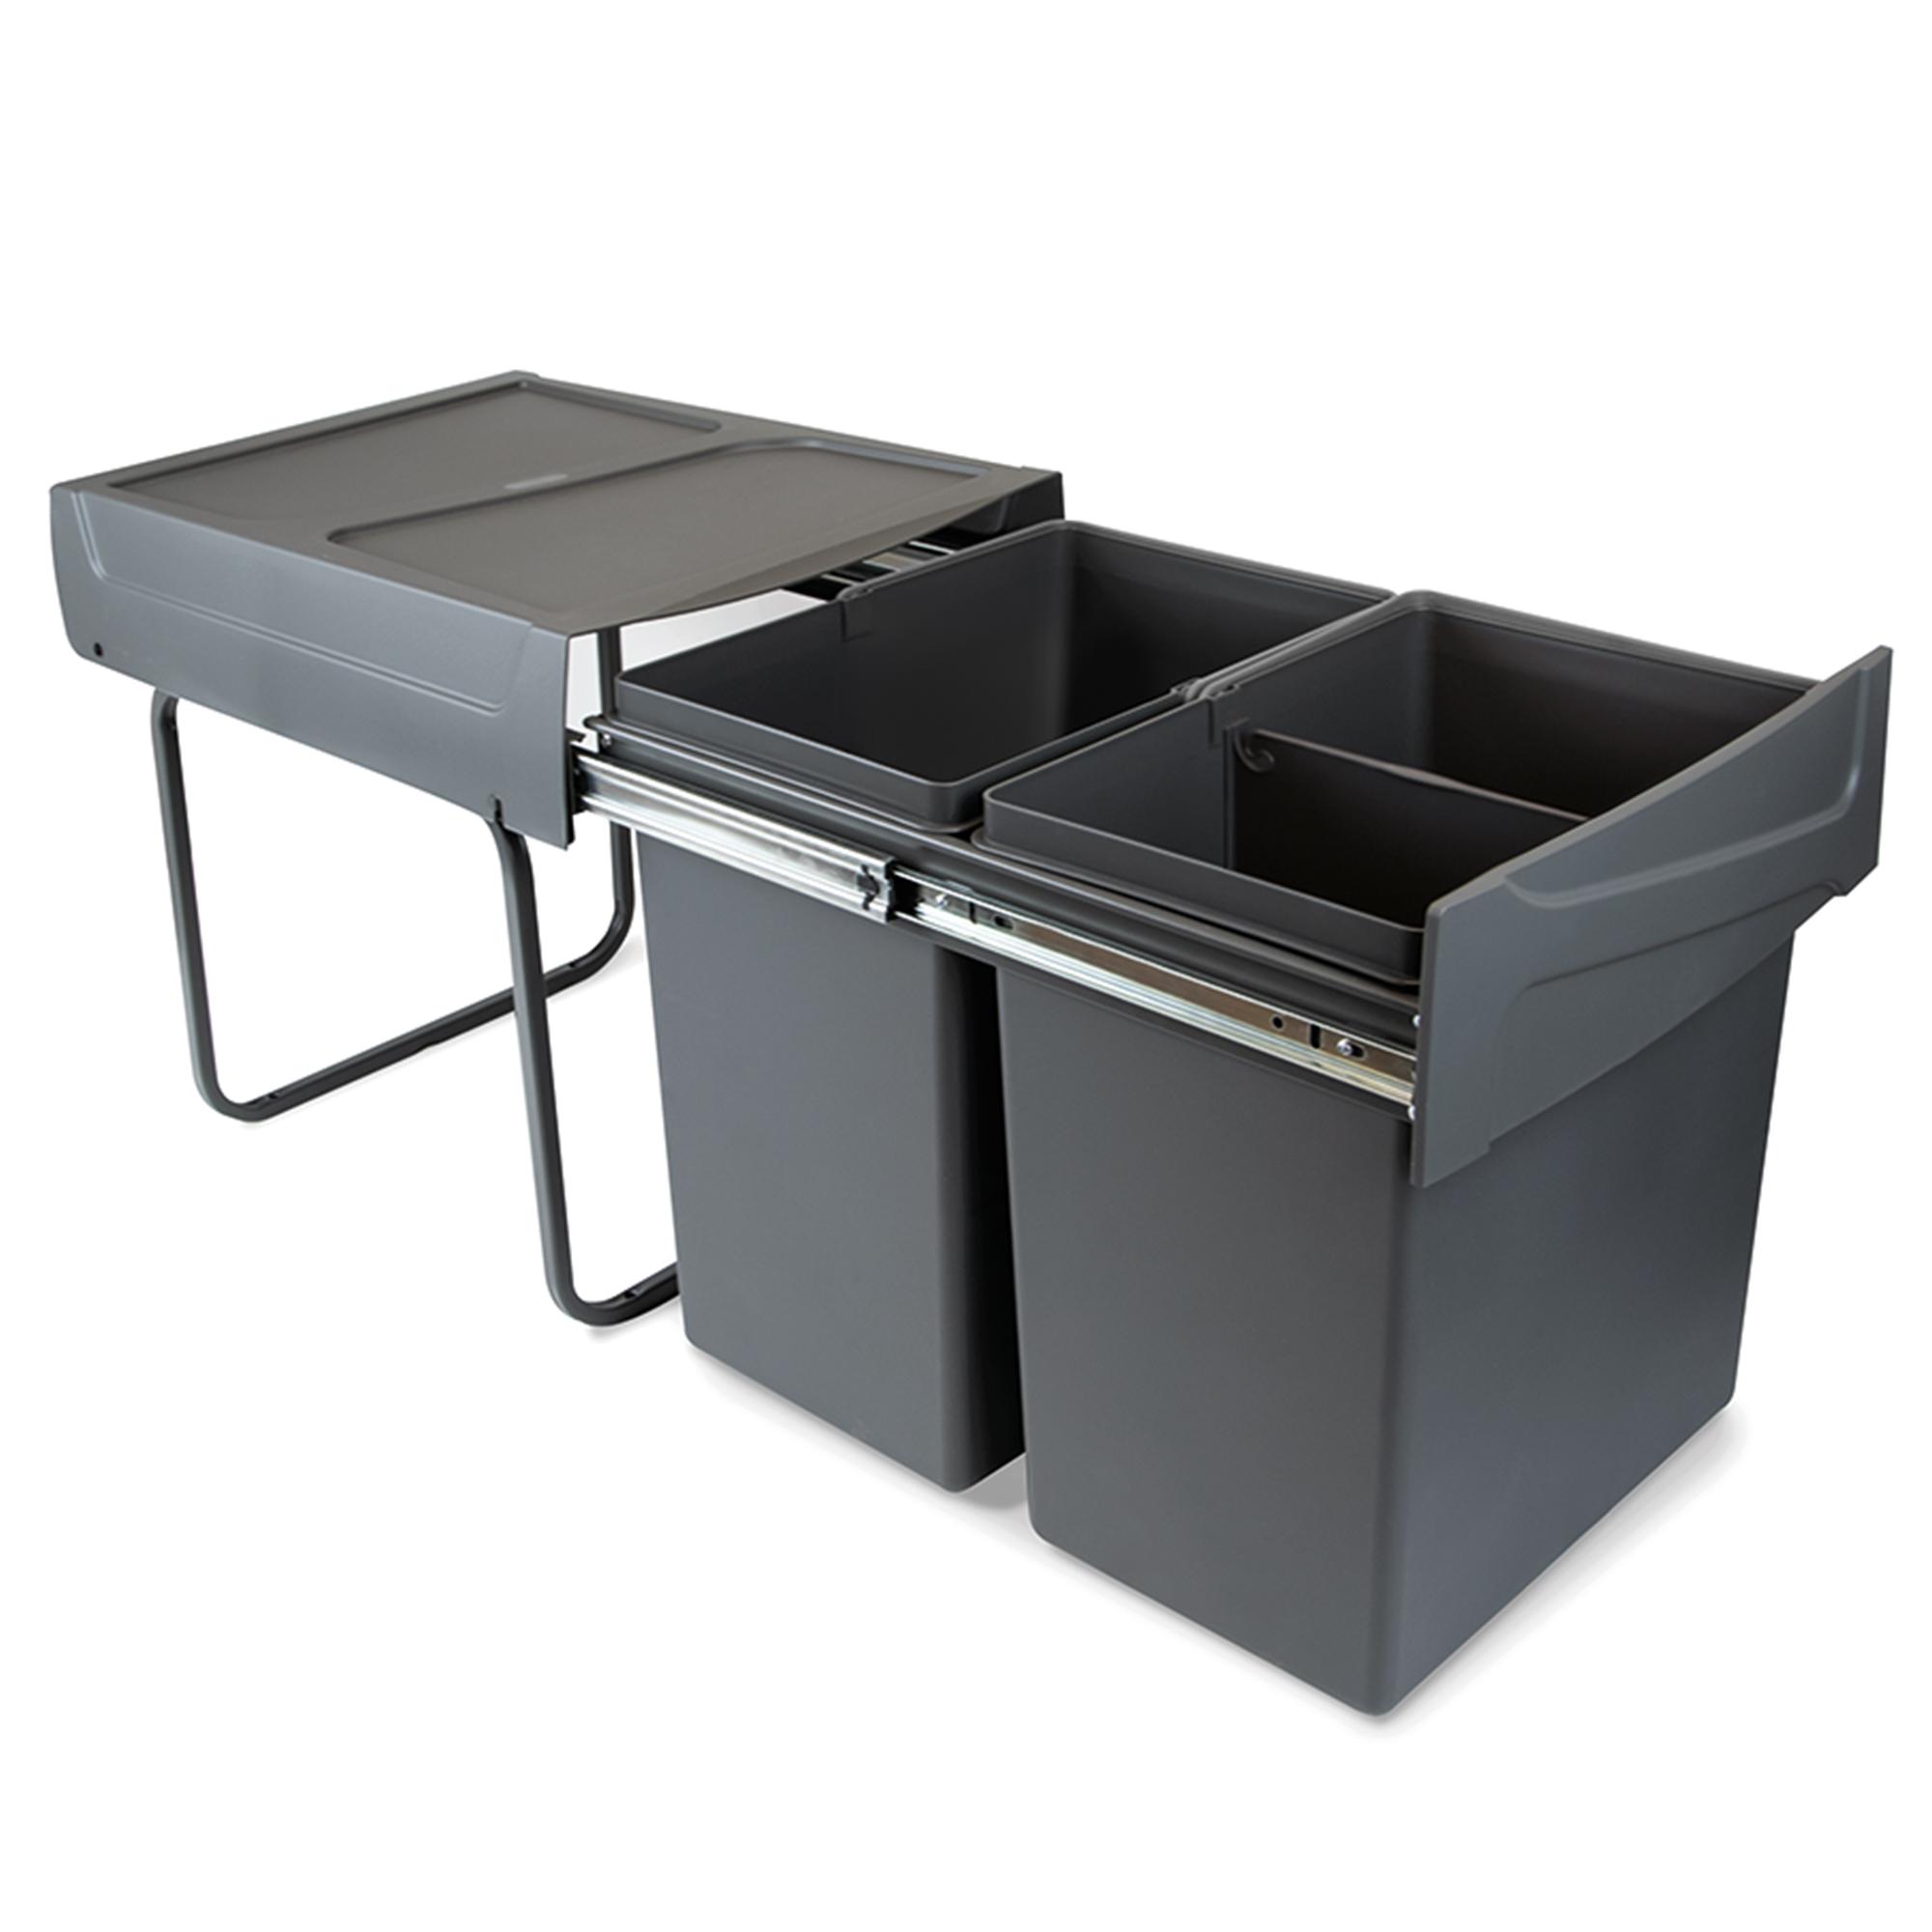 Emuca Pattumiere per raccolta differenziata per cucina, 2 x 20 L, fissaggio inferiore, estrazione manuale, acciaio e plastica, g